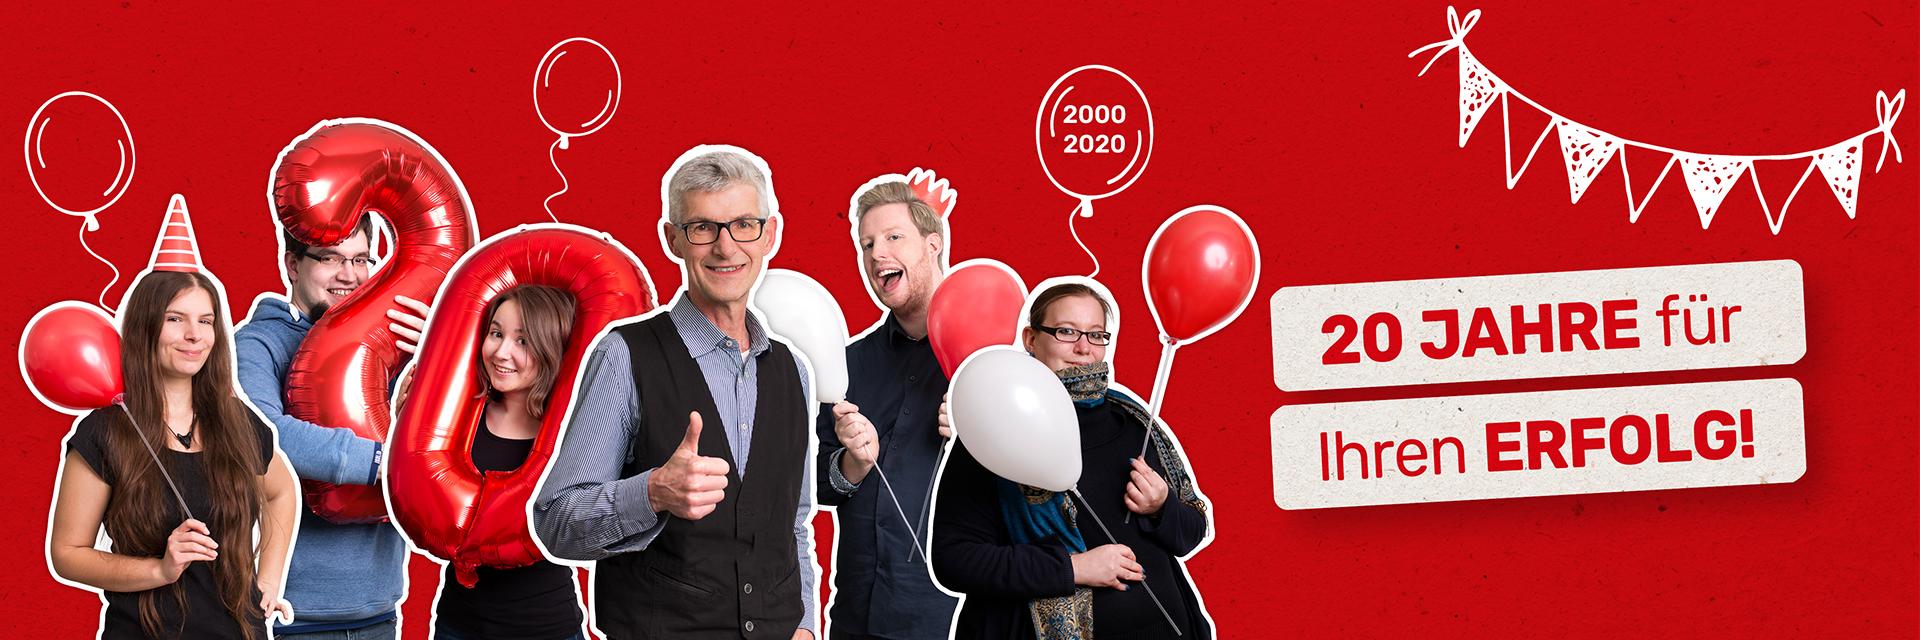 Seit 20 Jahren ist FRIEDSAM die kreative Werbeagentur für Ihren Erfolg. Kreativität und Know-How für Ihren nachhaltigen Erfolg.